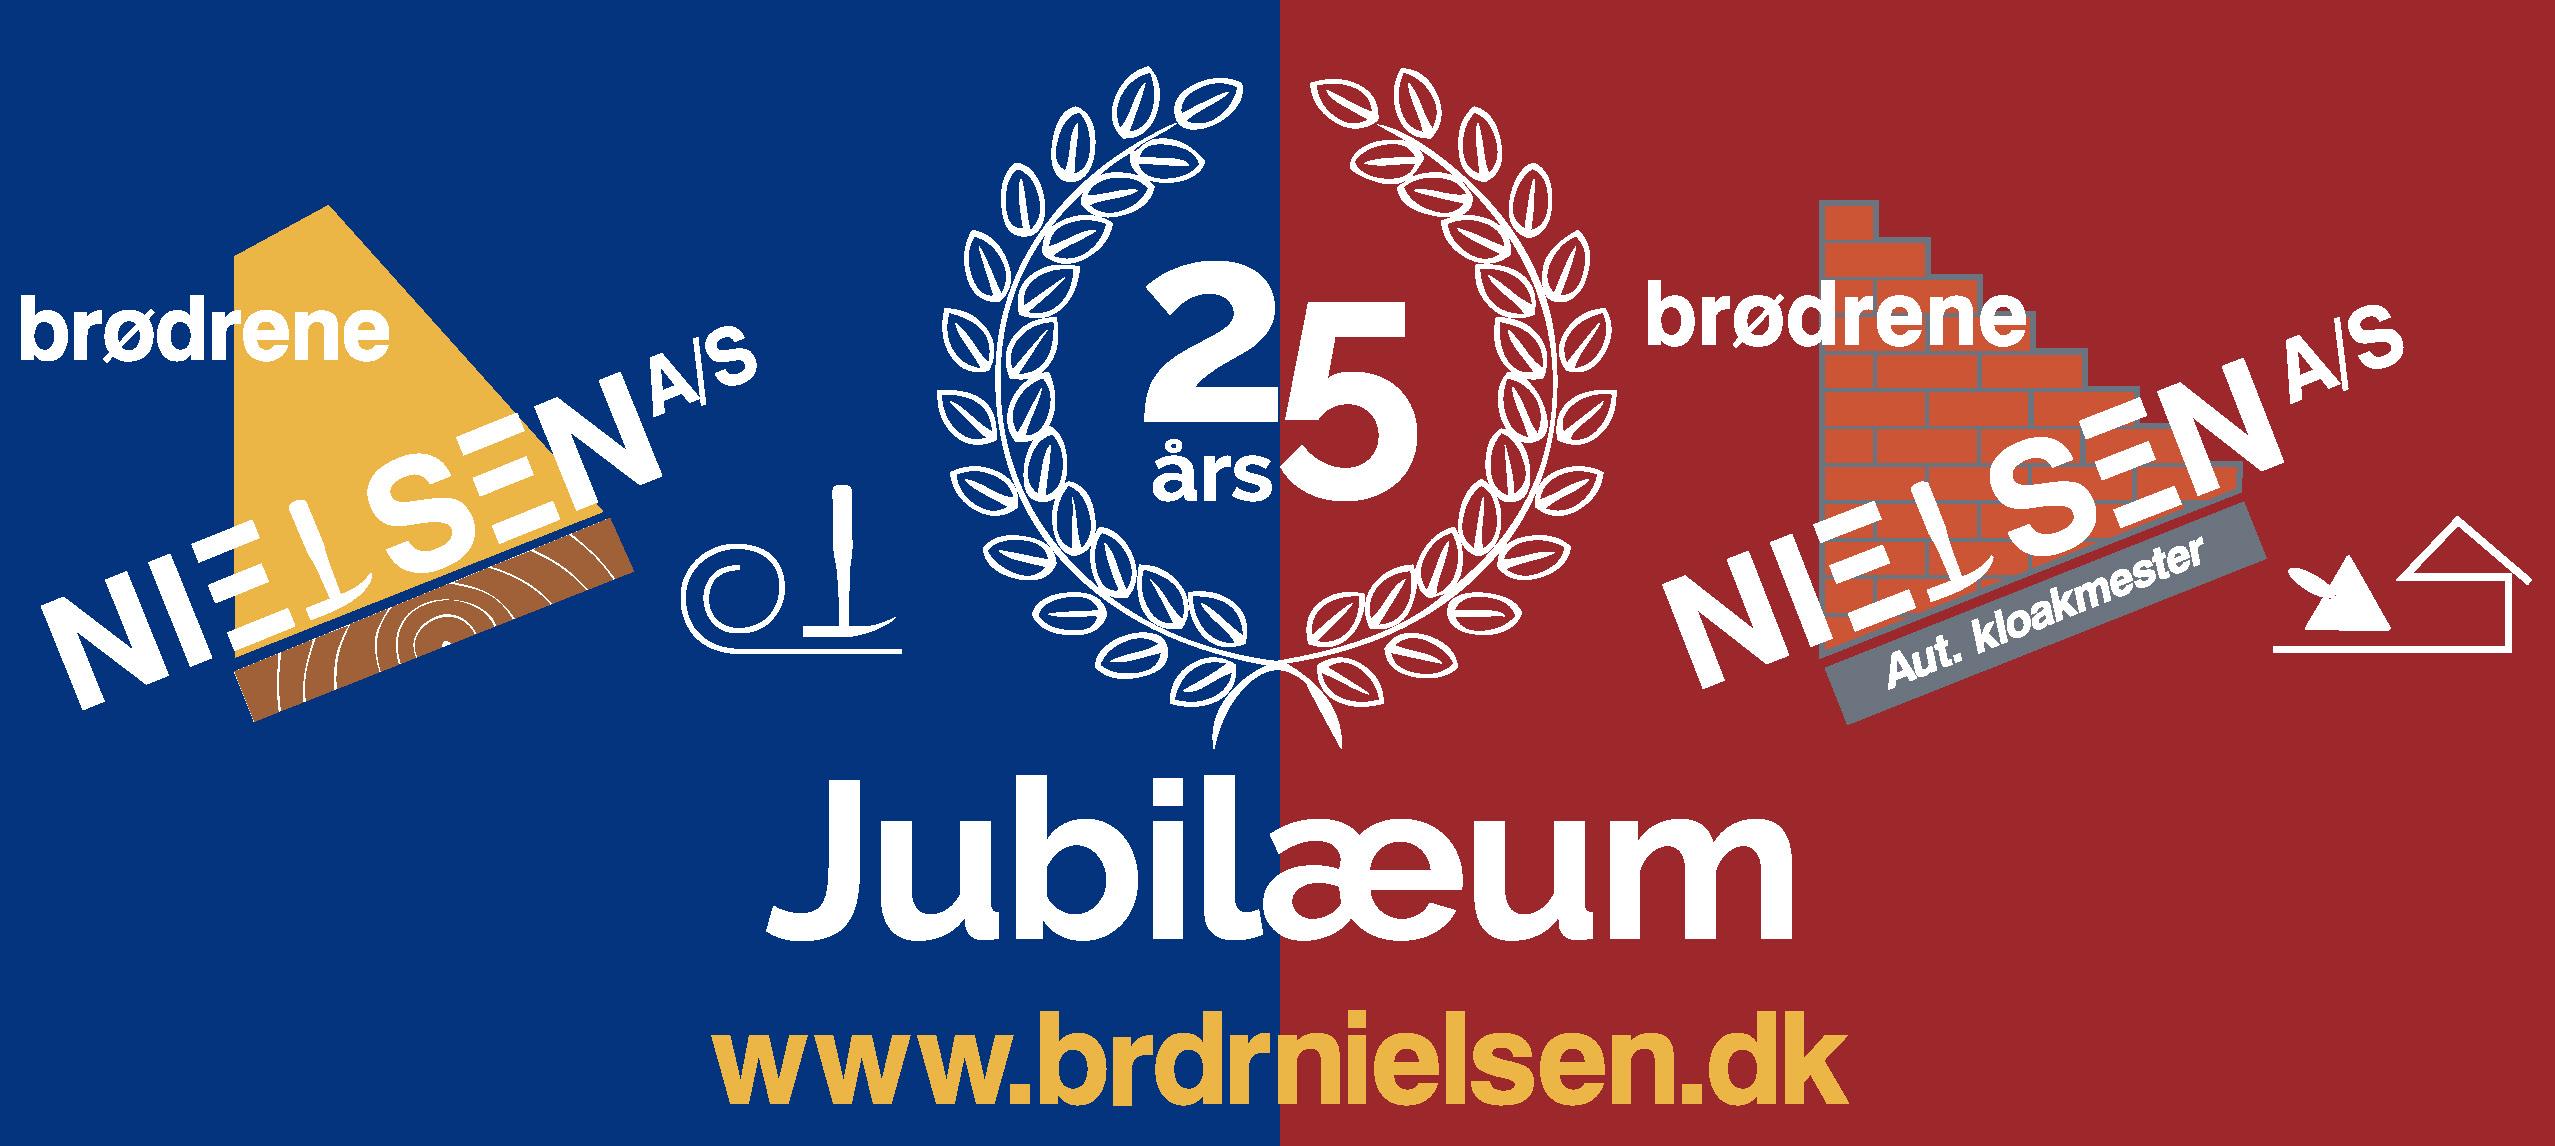 Brdr. Nielsen